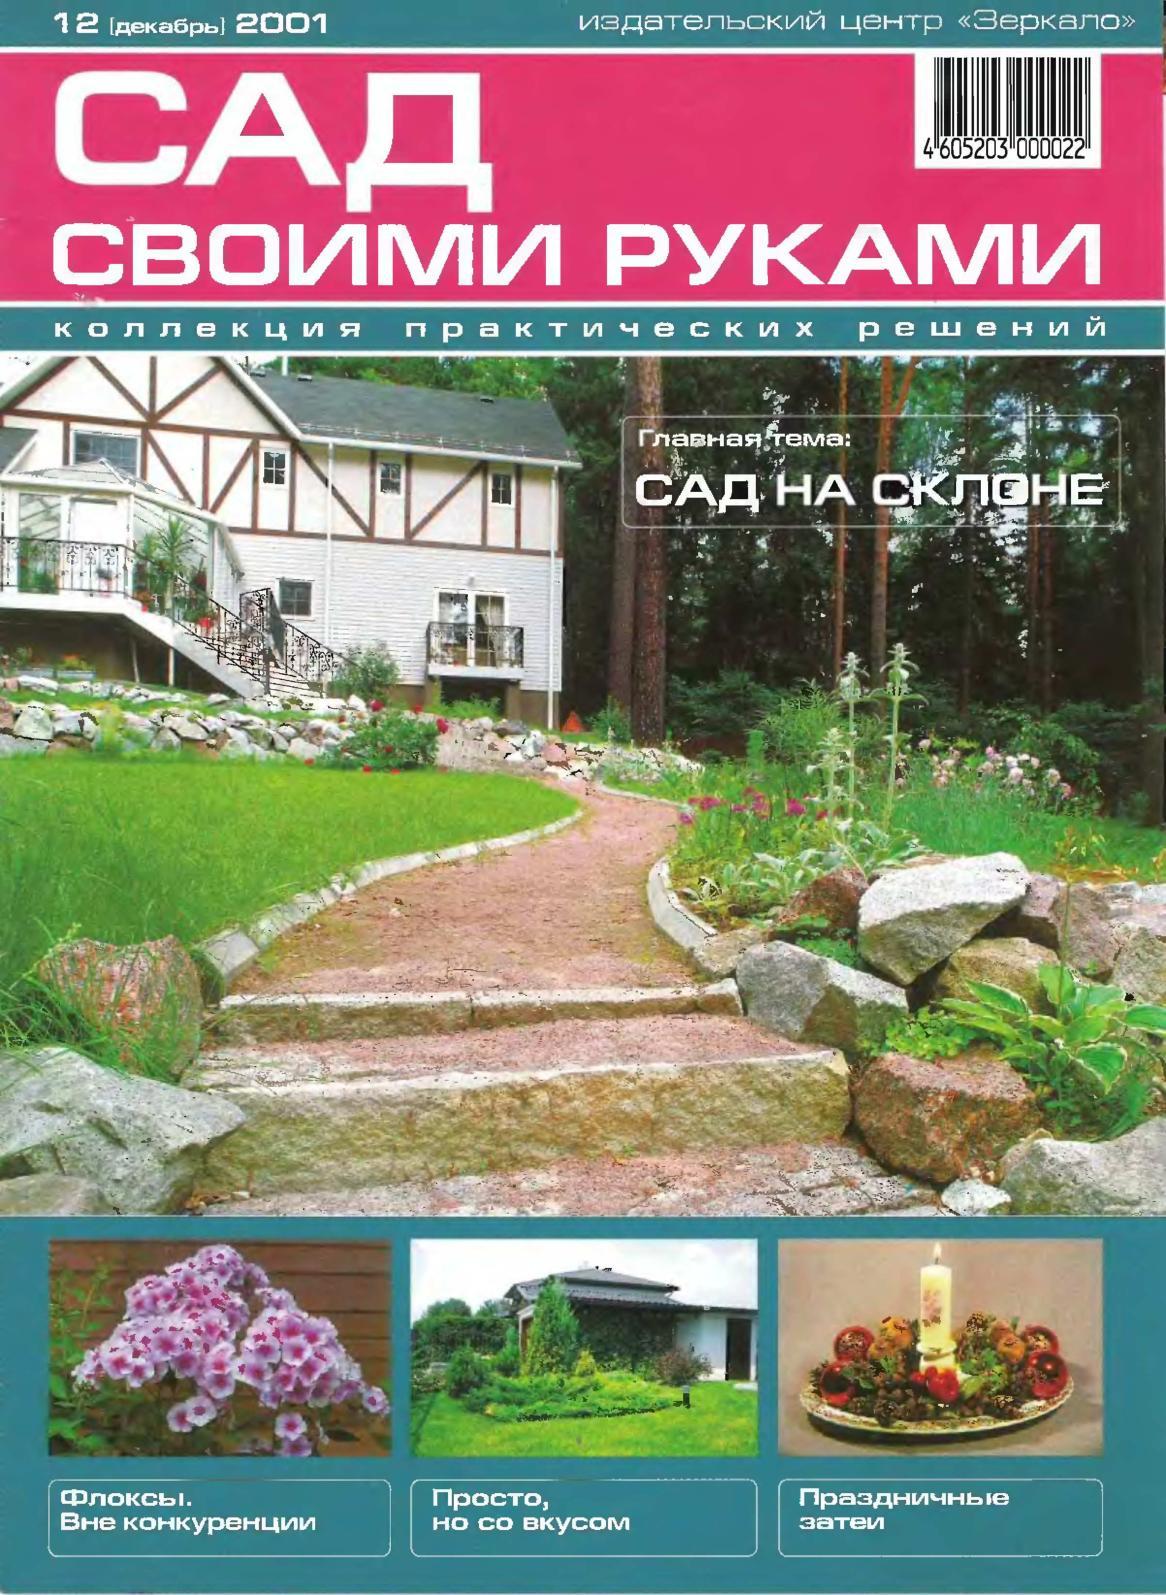 Уютный Дом и Красивый Сад Своими Руками